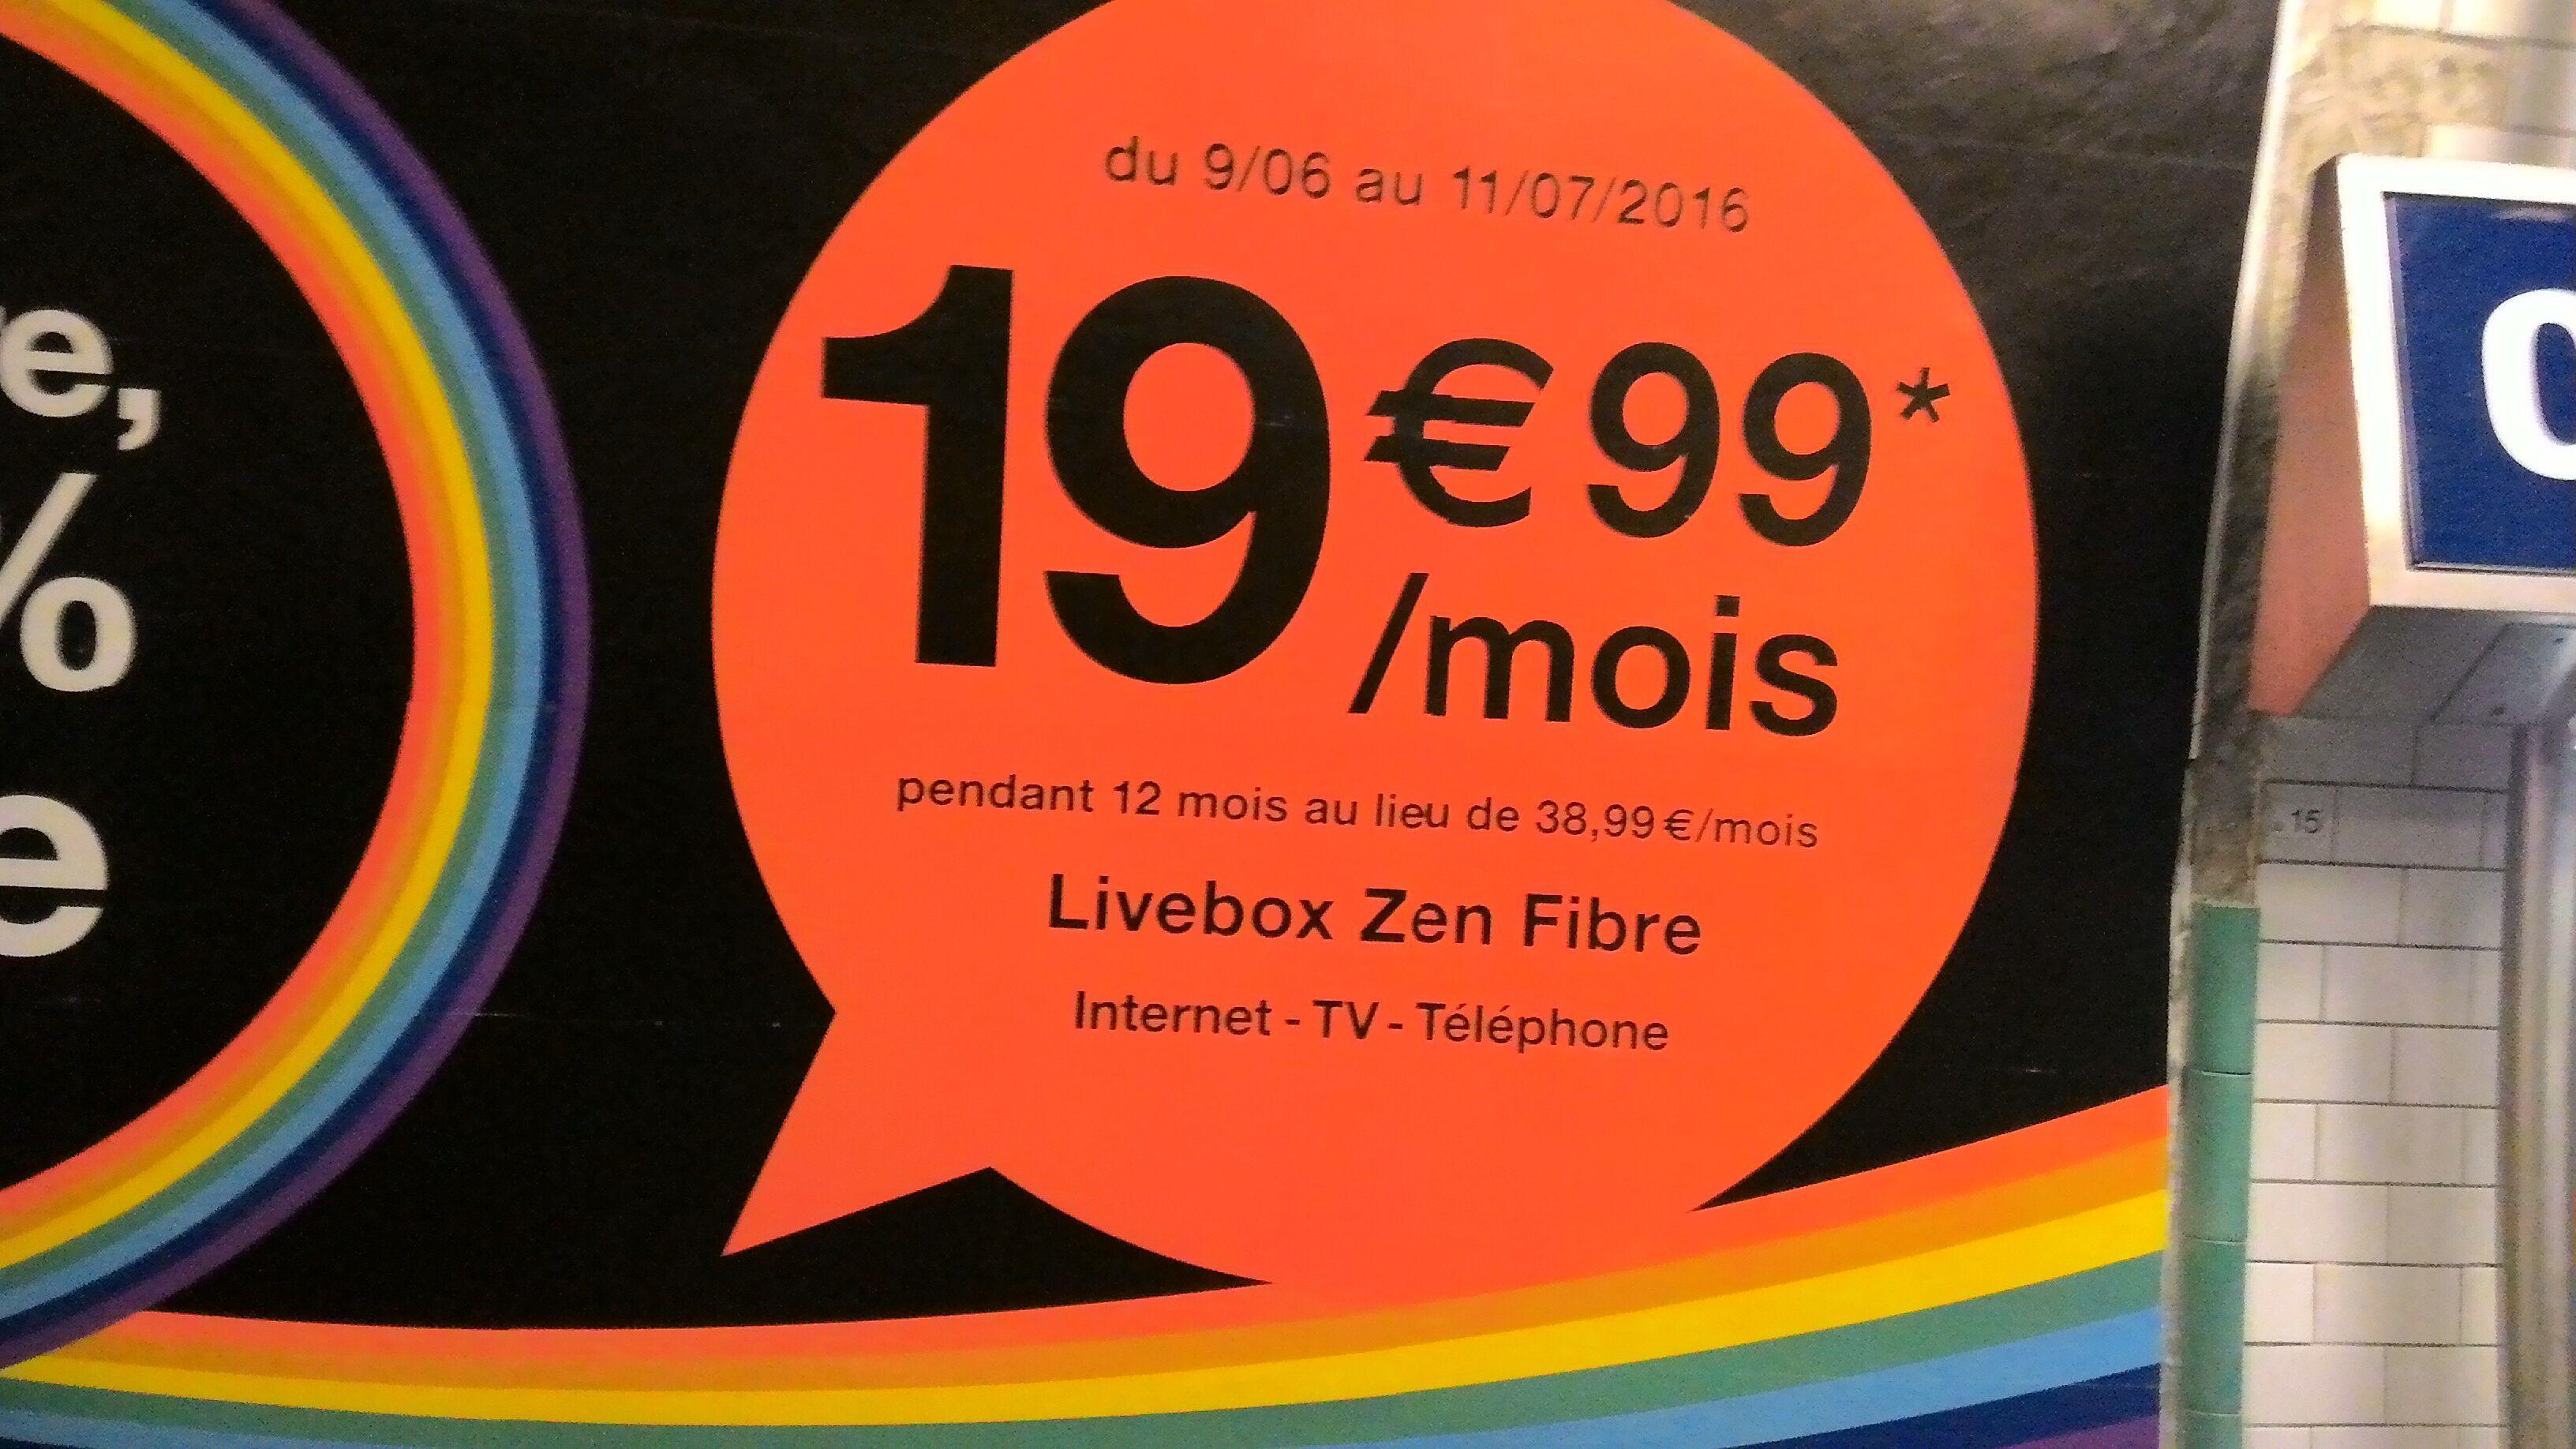 [Nouveaux clients Fibre] Livebox Zen pendant 1 an en changeant d'opérateur